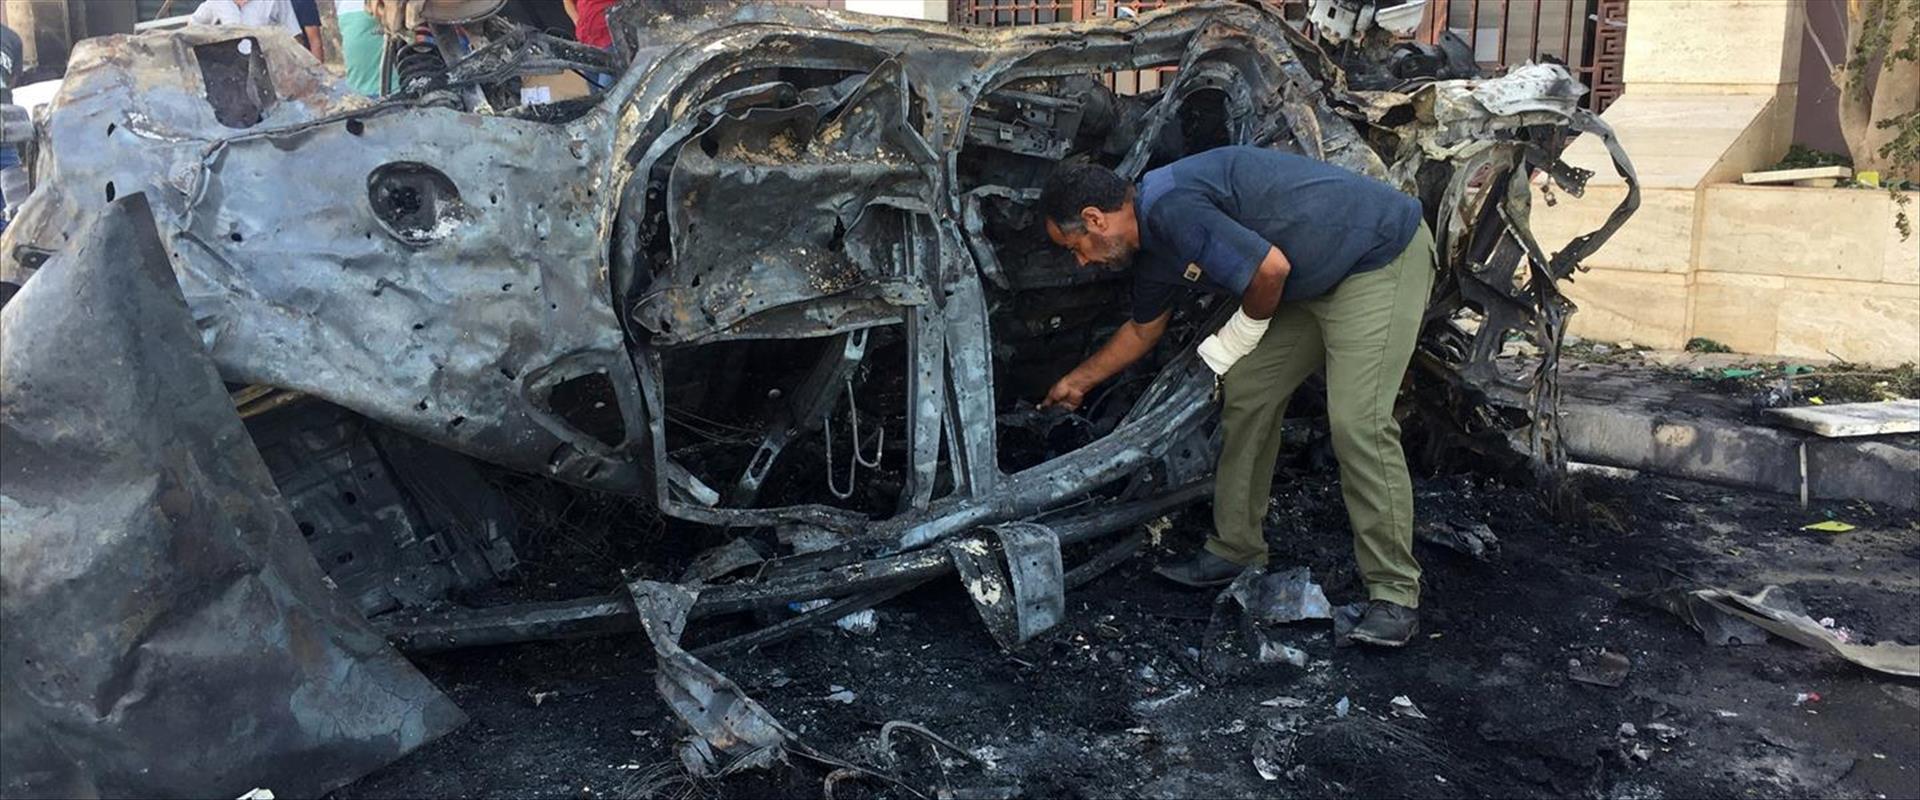 מכונית התופת שהתפוצצה בנגאזי הלילה